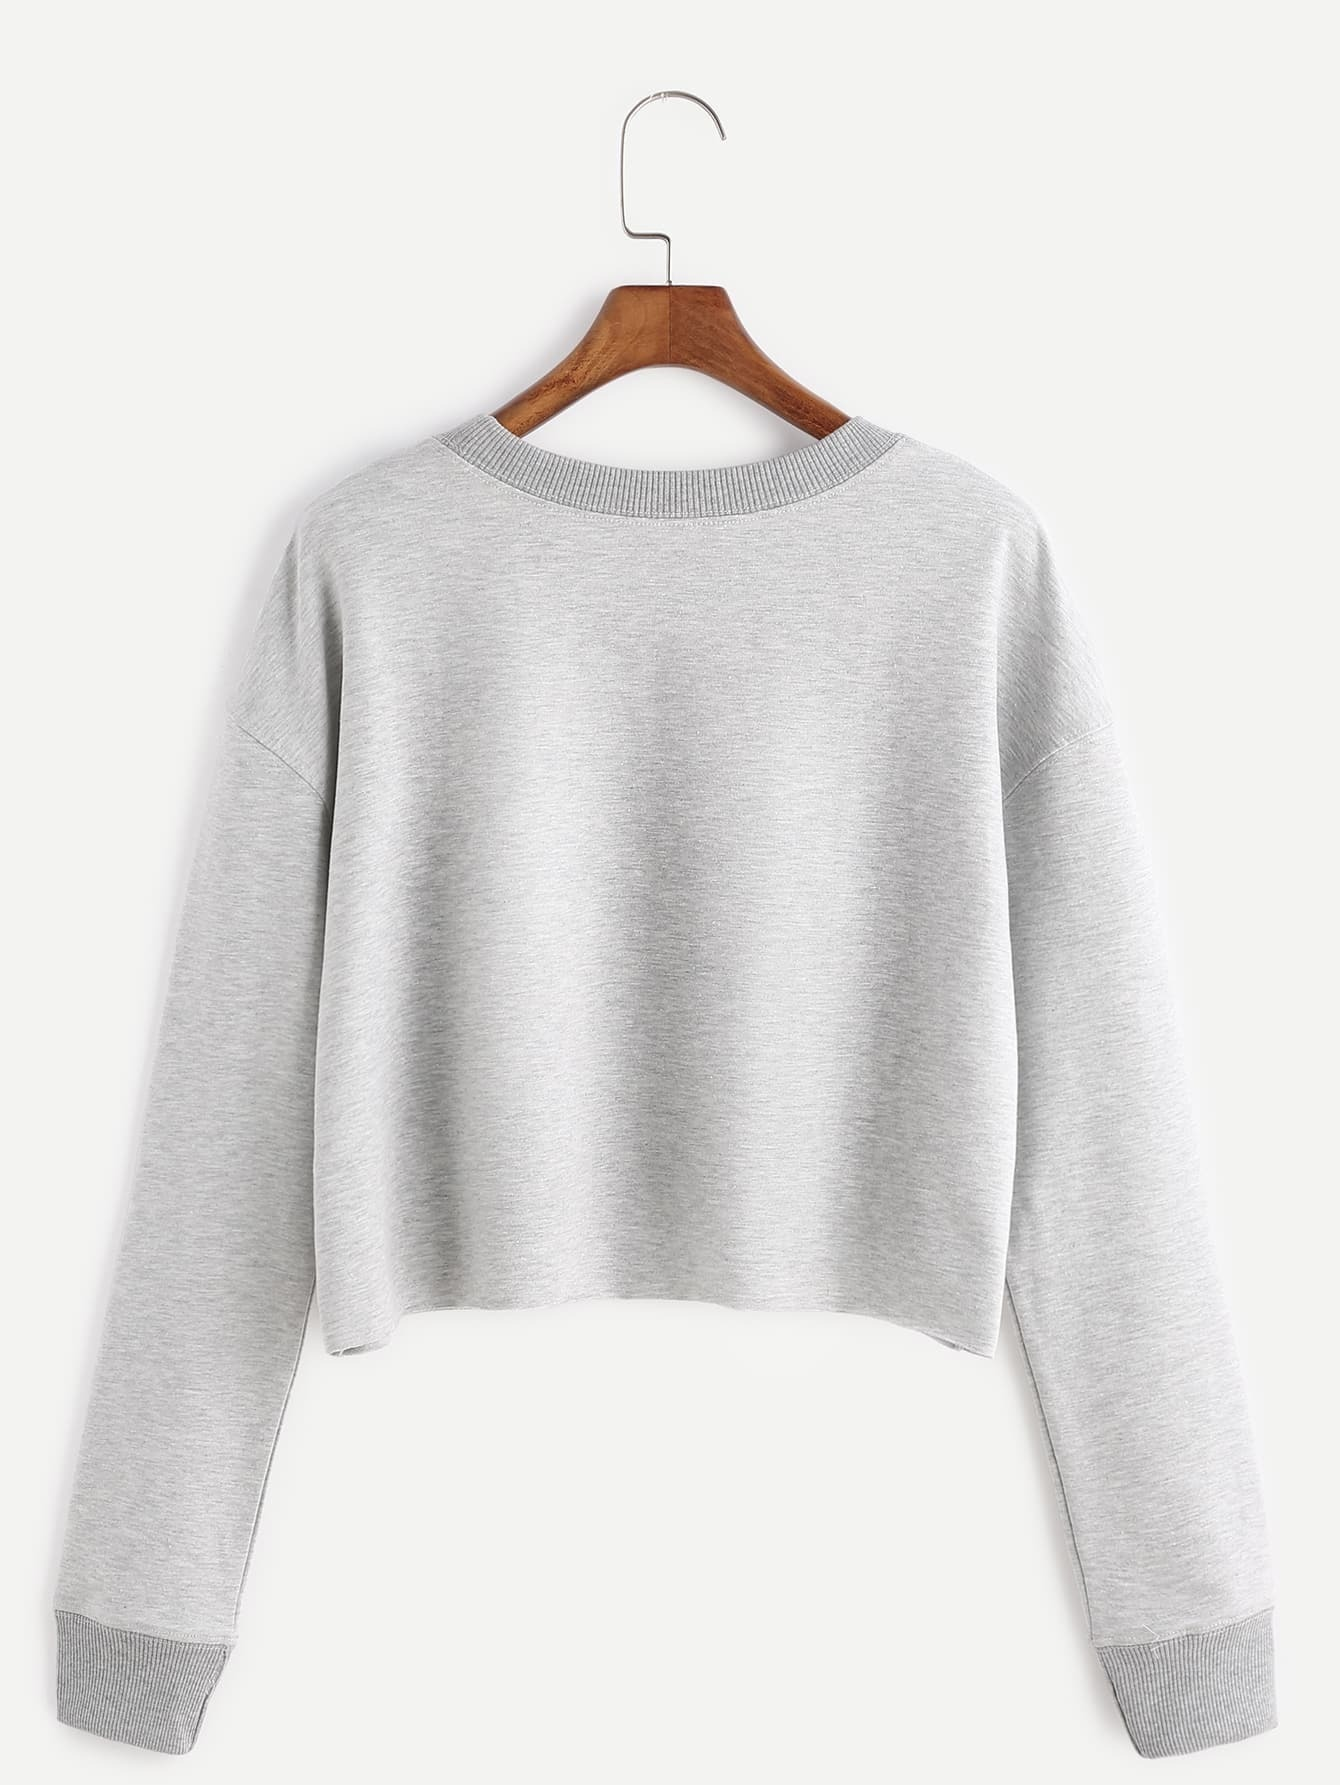 sweatshirt161216102_2